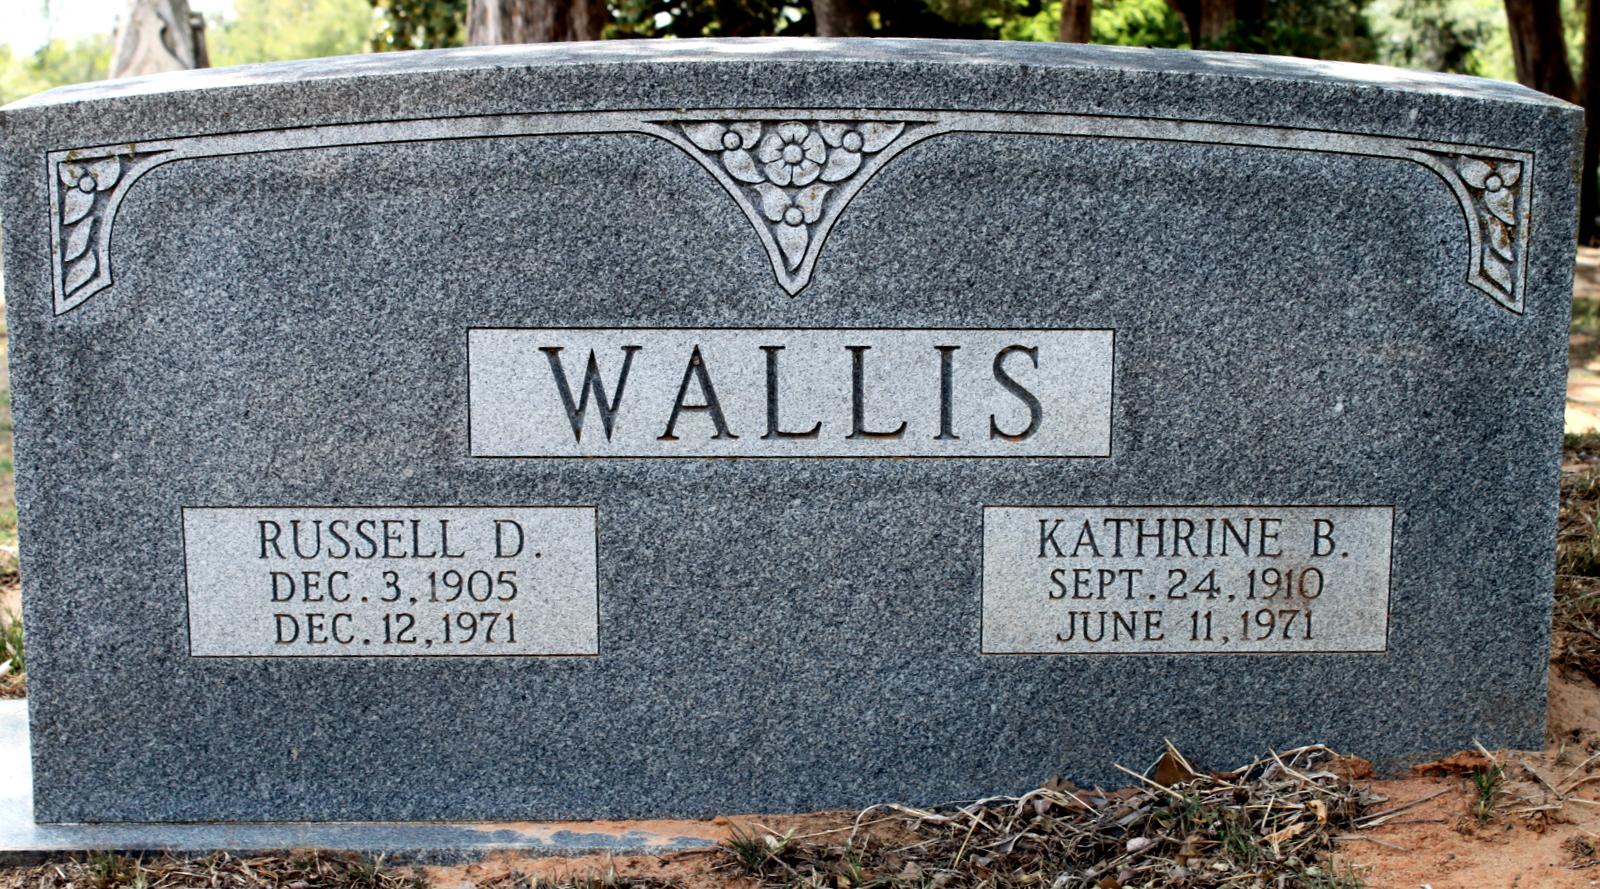 Russell D Wallis